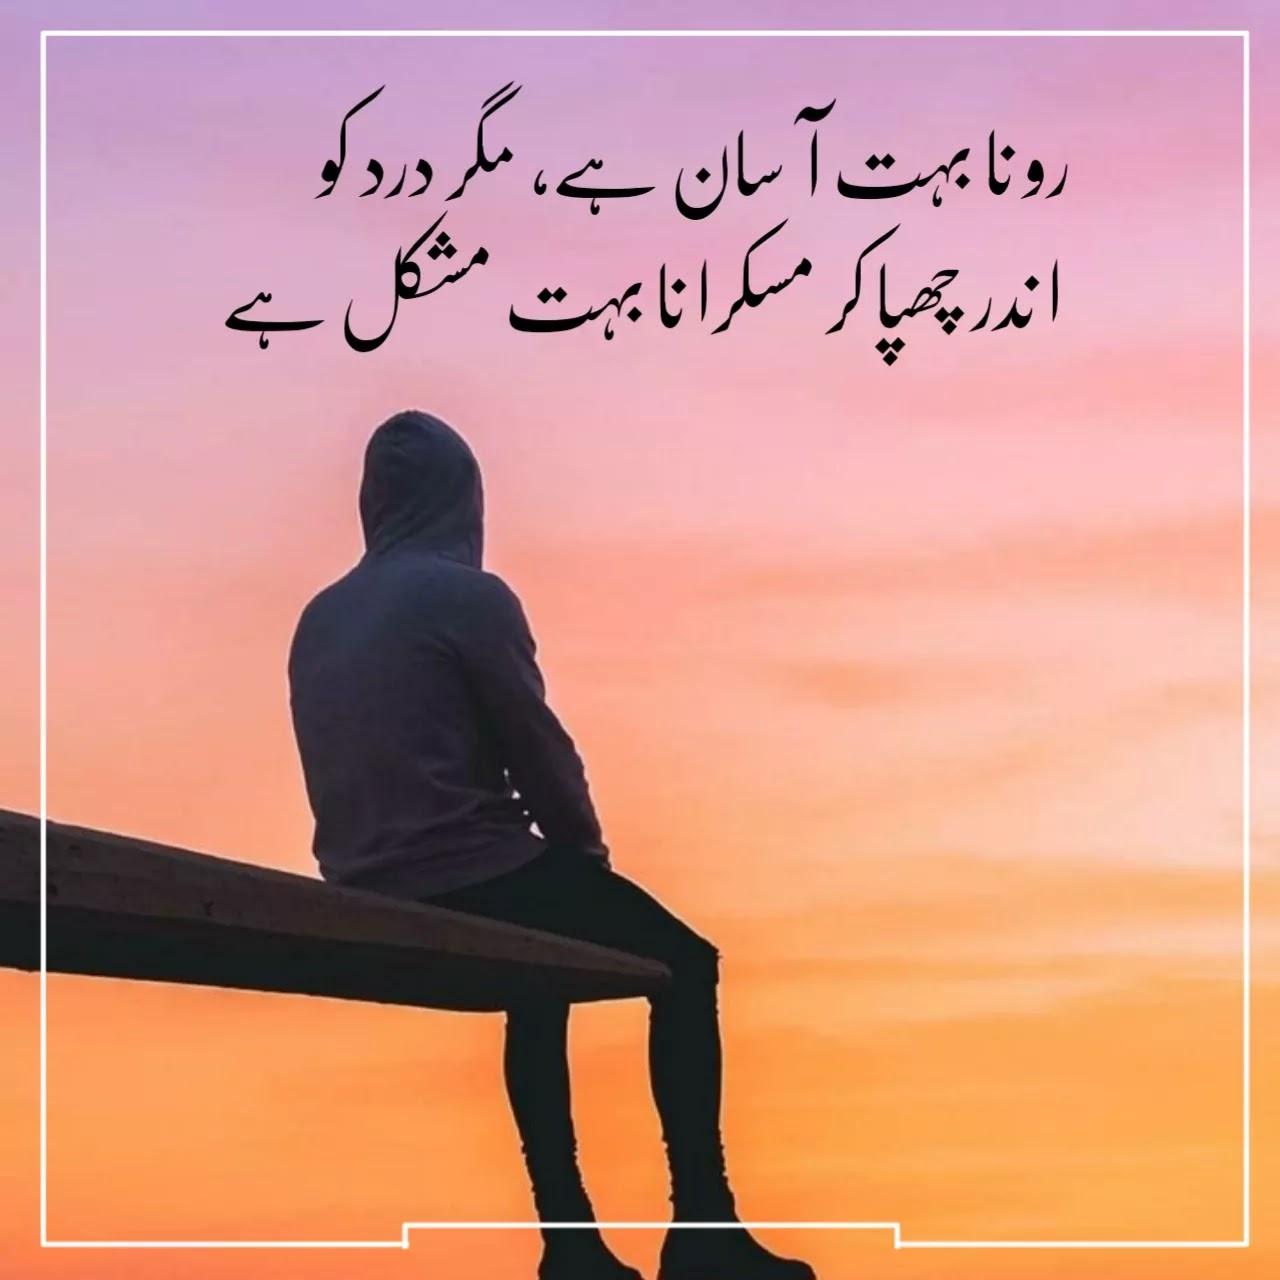 dukhi poetry in urdu, dukhi poetry, dukhi shayari in urdu, dukhi quotes in urdu, dukhi ghazal sms in urdu, dukhi whatsapp status in urdu, bahut dukhi shayari in urdu, dukhi status in urdu, dukhi poetry in urdu sms, dukhi shayari urdu sms, dukhi poetry in urdu images, dukhi shayari in urdu images, dukhi status urdu, dukhi images in urdu, dukhi shayari in urdu download, urdu poetry dukhi, eid dukhi poetry, dukhi shayari in urdu sms, dukhi status poetry, dukhi poetry in urdu text, full dukhi poetry, sad dukhi poetry in urdu, dukhi ghazal in urdu, poetry dukhi, sad dukhi poetry, dukhi dil poetry, sad urdu poetry, best poetry in urdu,sad urdu poetry sms, sad urdu ghazal, sad poetry in urdu 2 lines, sad poetry status, sad urdu poetry, sad shayari urdu, sad quotes urdu, sad status in urdu, sad poetry images, urdu poetry images, sad poetry about love, dukhi poetry, very sad poetry in urdu images, heart touching poetry in urdu, bewafa poetry in urdu, sad quotes about life in urdu, sad love poetry in urdu, very sad poetry in urdu, sad ghazal in urdu, poetry in urdu 2 lines about life, best urdu poetry images, sad love quotes in urdu, broken heart quotes in urdu, urdu shayri sad, sad urdu shayari on life, urdu poetry images pictures, very sad love quotes in urdu, sad lines in urdu, urdu shayari images sad, breakup poetry in urdu, sad poetry sms in urdu 2 lines, very sad shayari in urdu, sad poetry in urdu 2 lines without images, sad poetry images in 2 lines, sad images in urdu, udas poetry in urdu, sad poetry sms ghazal, sad heart touching poetry, alone poetry in urdu, sad sms in urdu 2 lines, sad sms in urdu for girlfriend, emotional poetry in urdu, sad poetries, heart touching shayari in urdu, sad poetry in urdu 2 lines with images, whatsapp poetry status, urdu sad shayari two lines, sad quotes in urdu with pictures, sad poetry status in urdu, whatsapp dp in urdu sad, shayari in urdu sad love, sad urdu shayari in english, urdu poetry sad love in urdu, sad bewafa poetry in ur